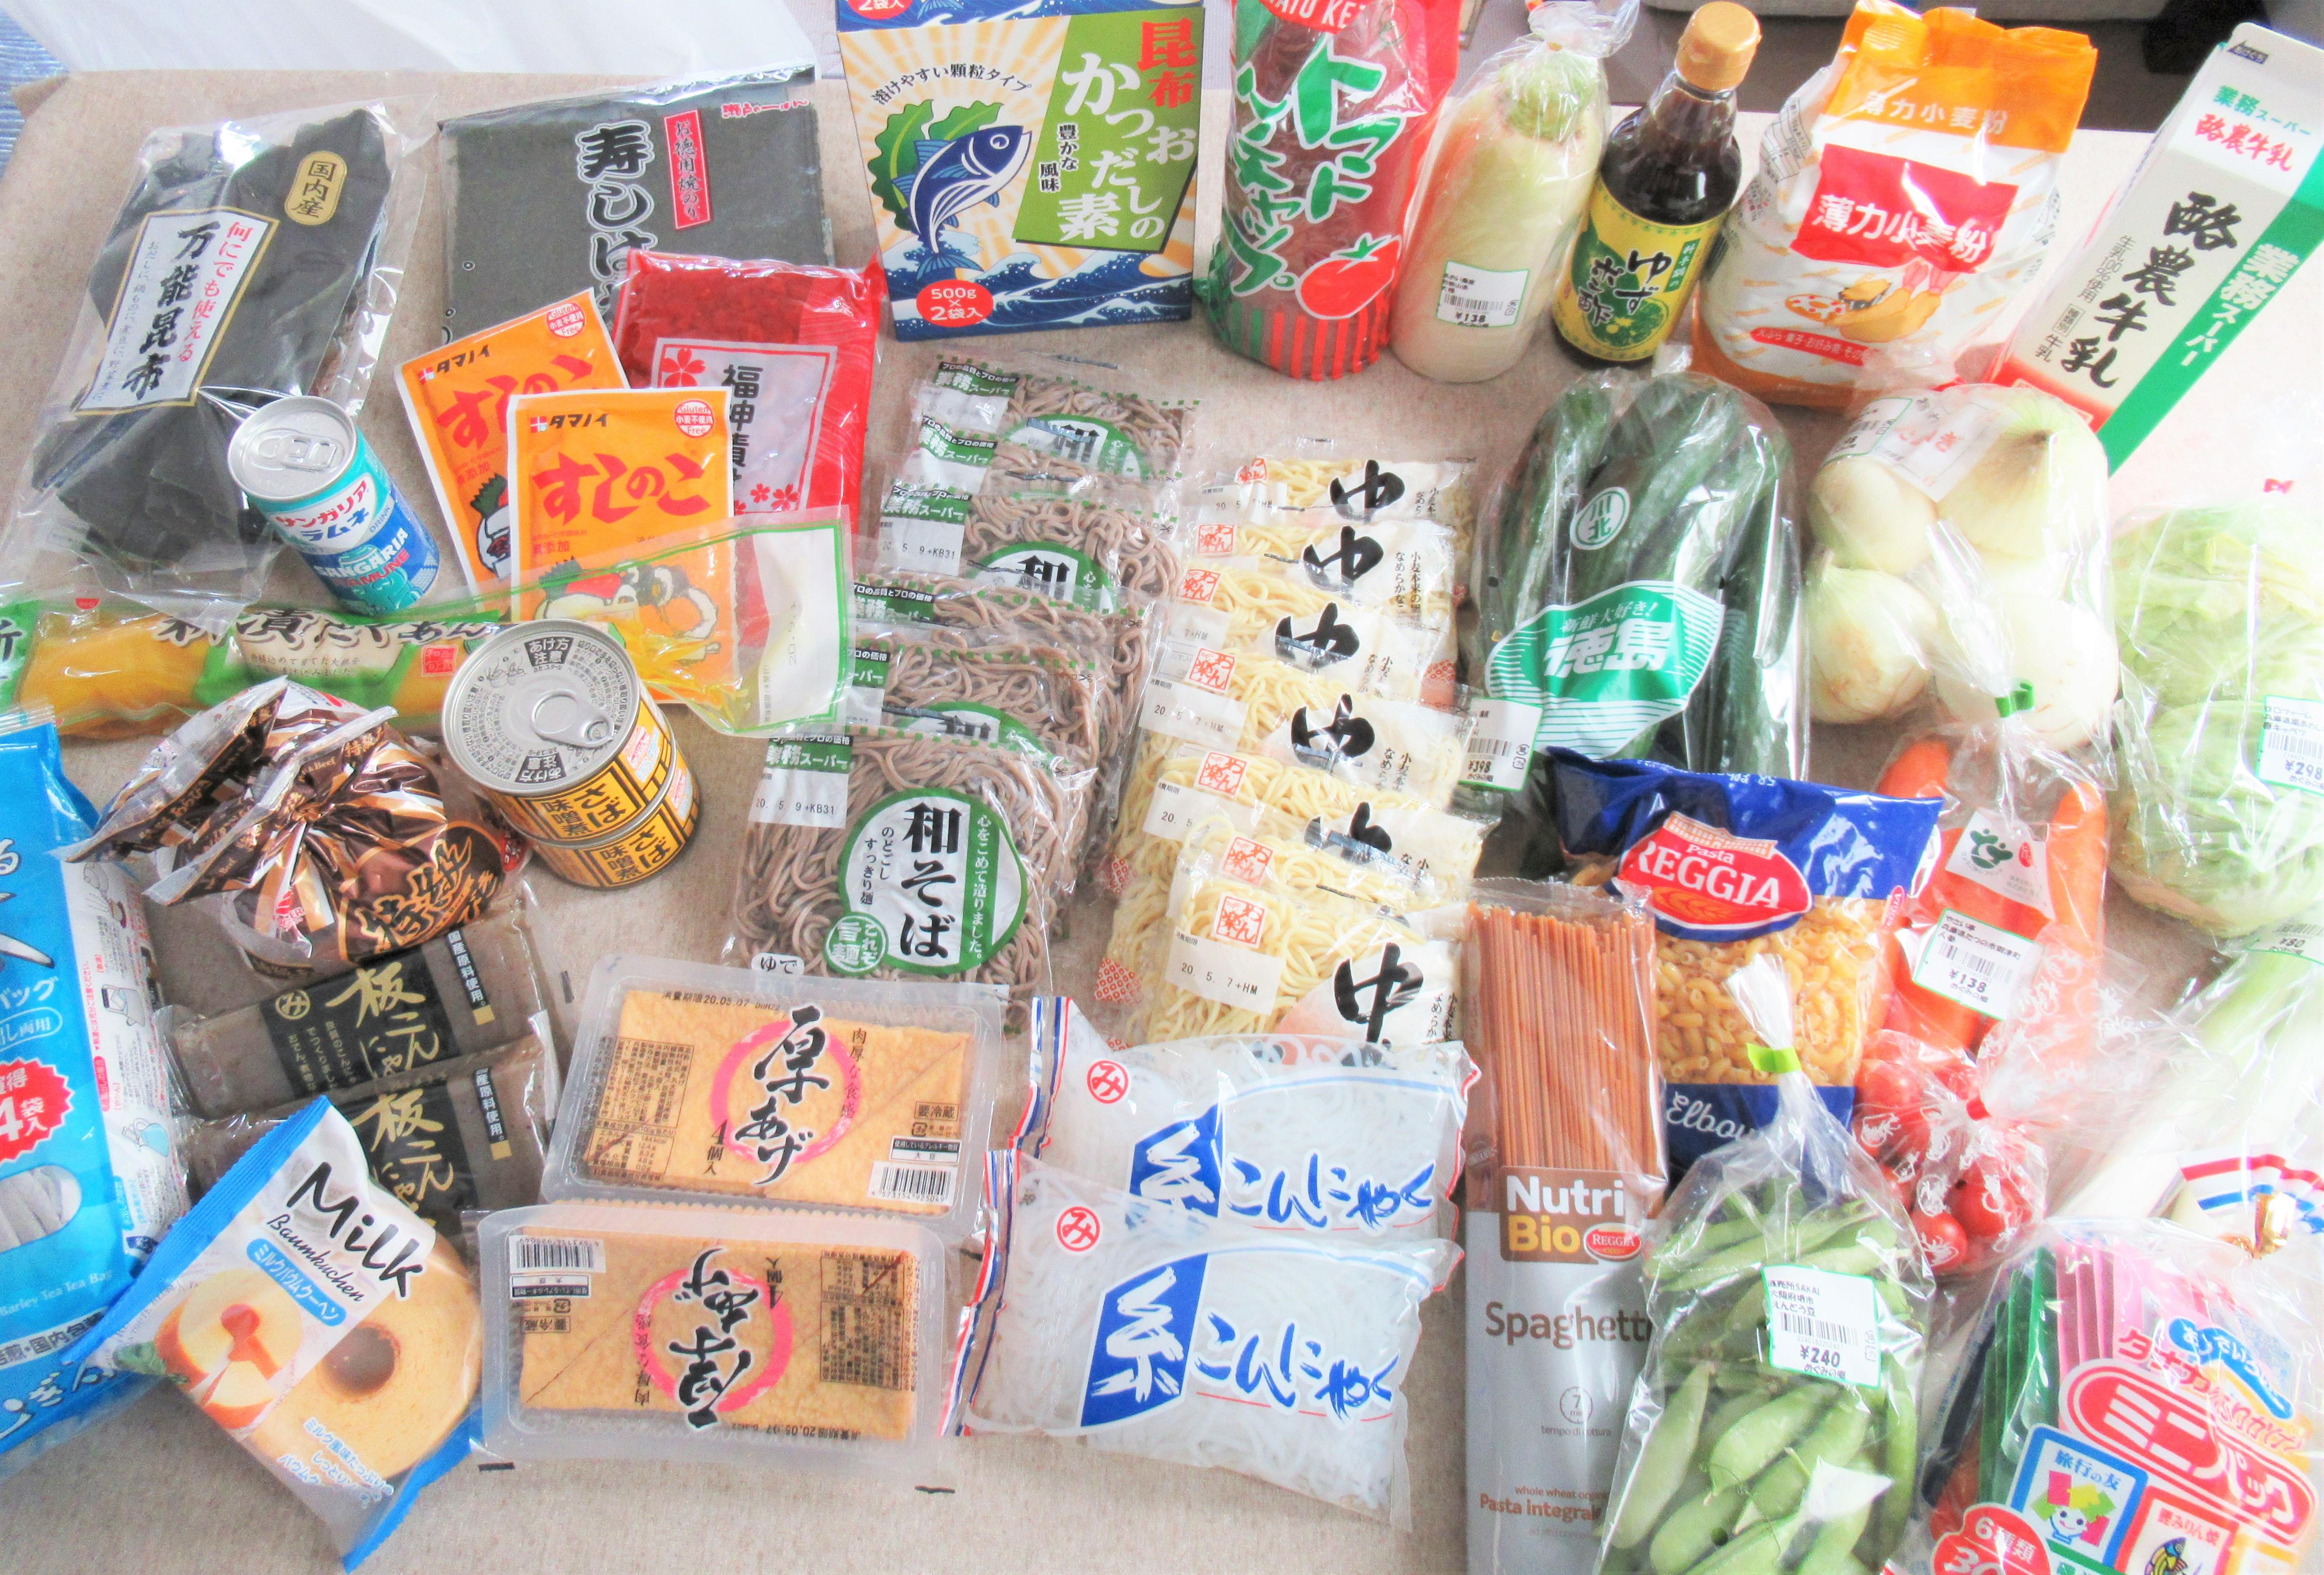 業務スーパーで買ってよかったオススメ商品7選|業務スーパーでゆるっと節約